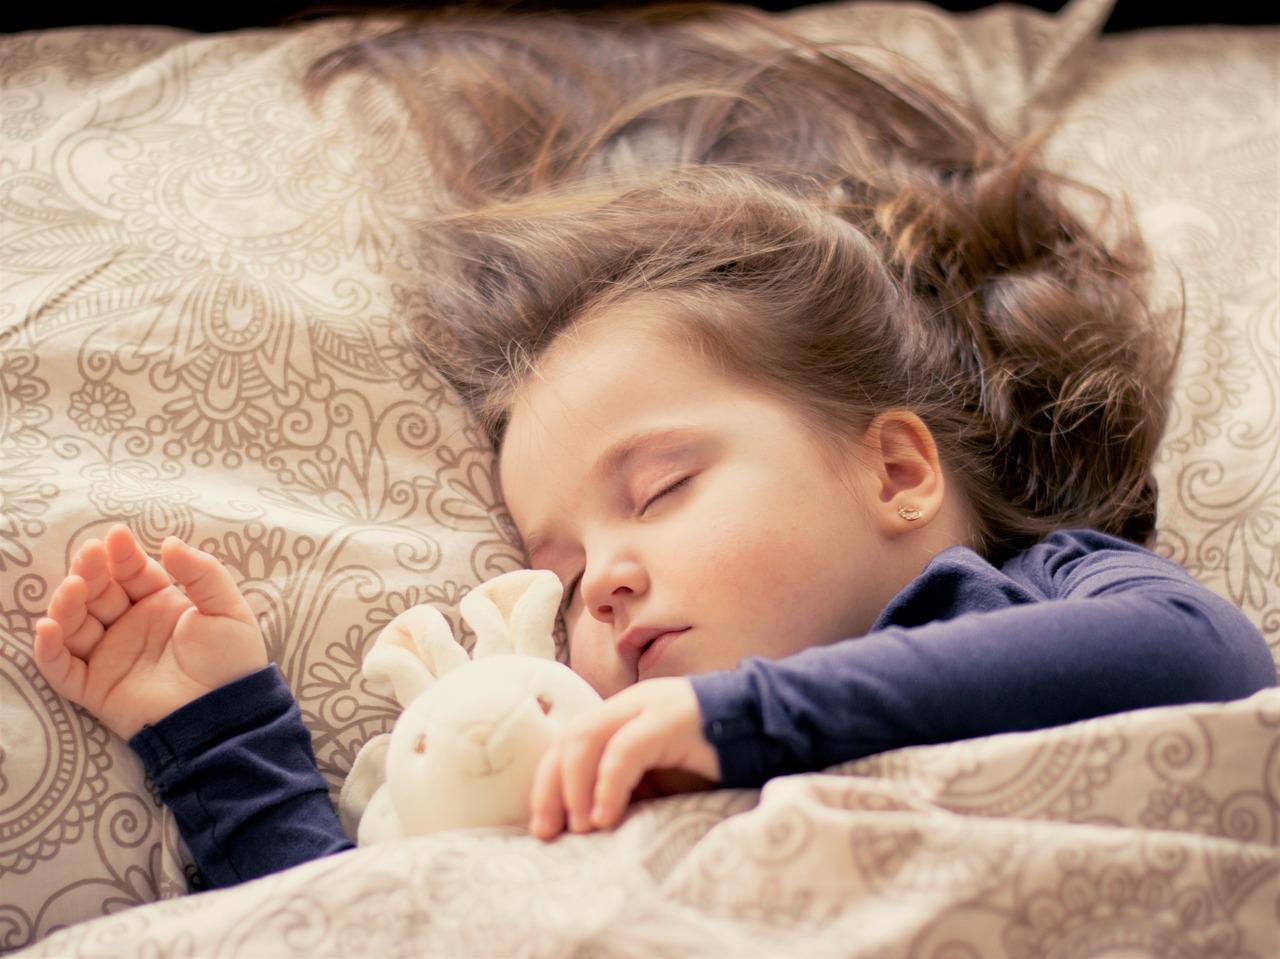 寶寶能否睡得香甜,床有一定的作用 其實,床墊才是兒童最親近,接觸時間最長的家居用品,優質的睡眠對孩子的發育有著至關重要的作用,而寶寶能否睡得香甜,床是有一定的作用的。 如果你覺得孩子只要能睡著就行,那麼你的錯誤就大了。 兒童的身體處於高速發育的狀態,這點很多家長都知道,兒童也是一生中新陳代謝以及骨骼發育最快的階段,如果這段時間不注重孩子的睡眠姿勢以及睡眠狀態,那麼會給孩子的一生造成不可恢復的影響。因此,兒童床墊的選購需認真謹慎。